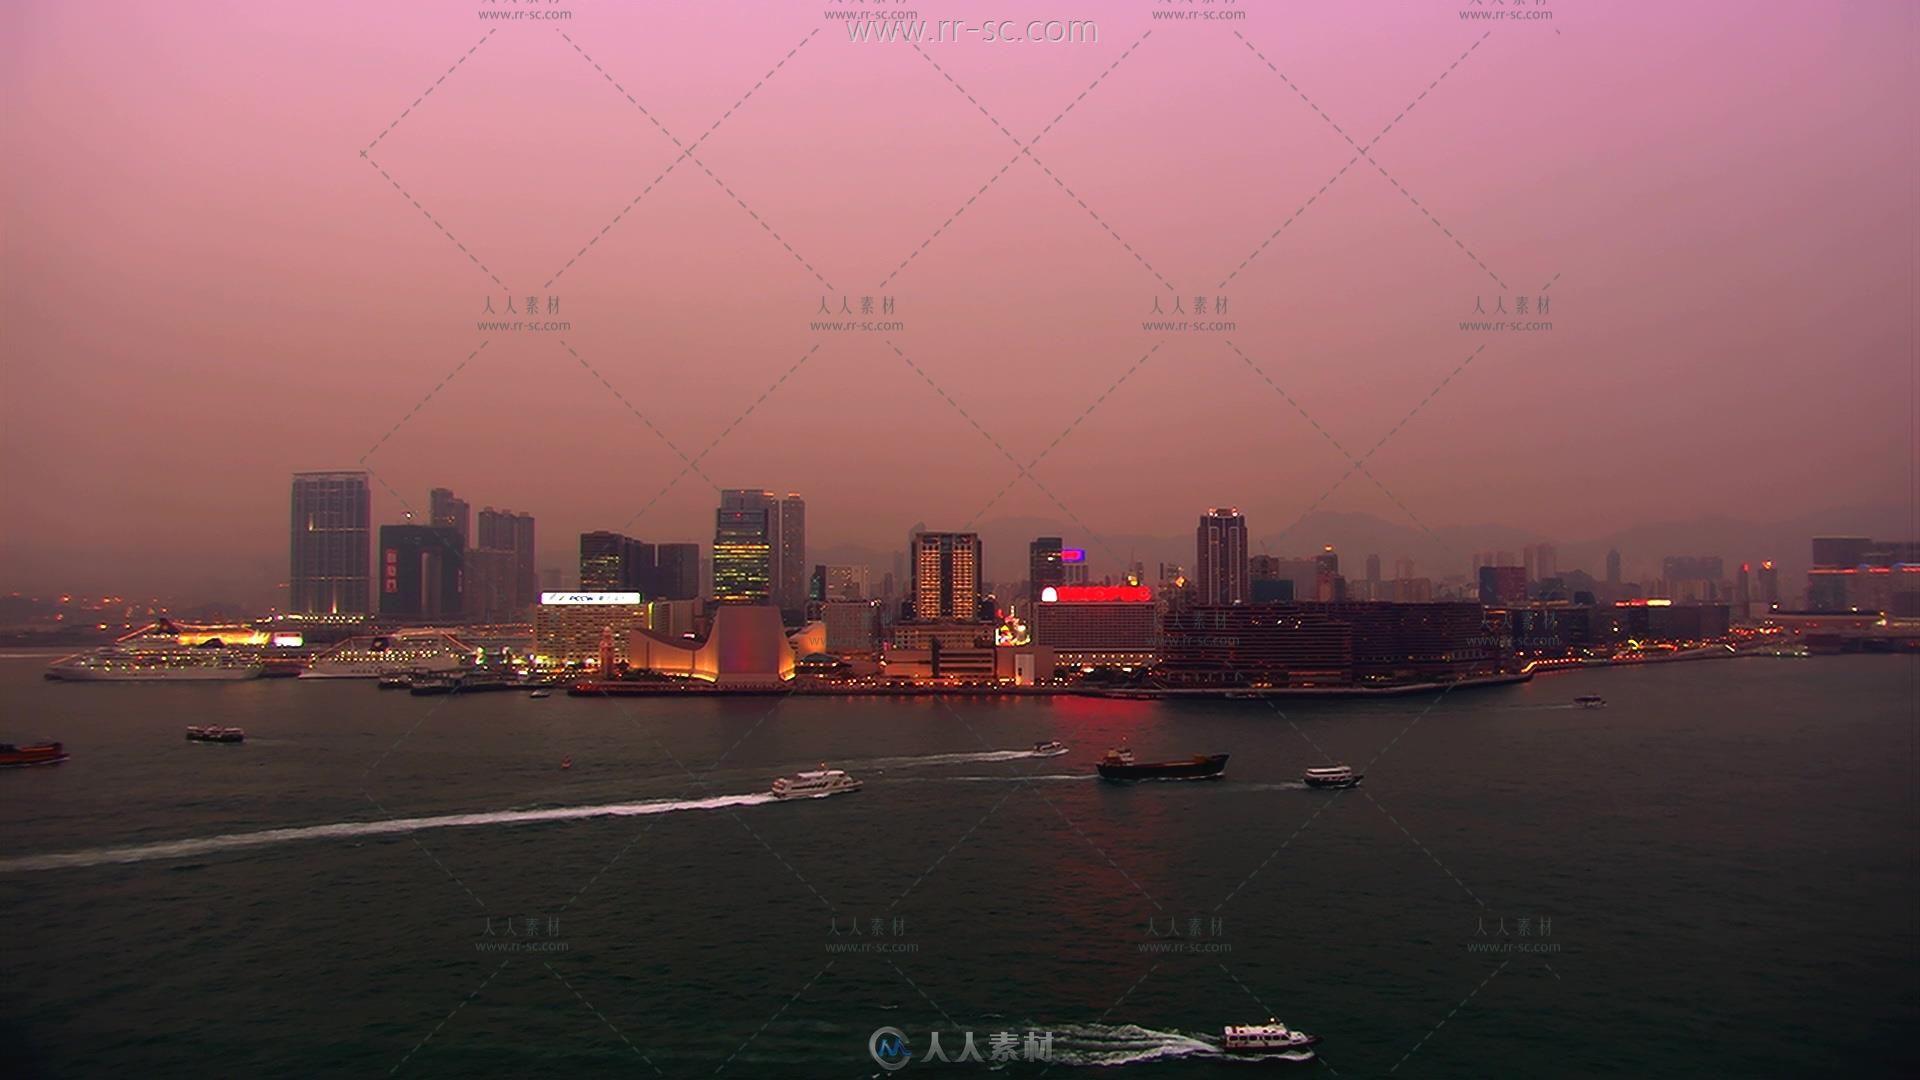 亚洲城市海滨夜晚高清实拍视频素材免费下载